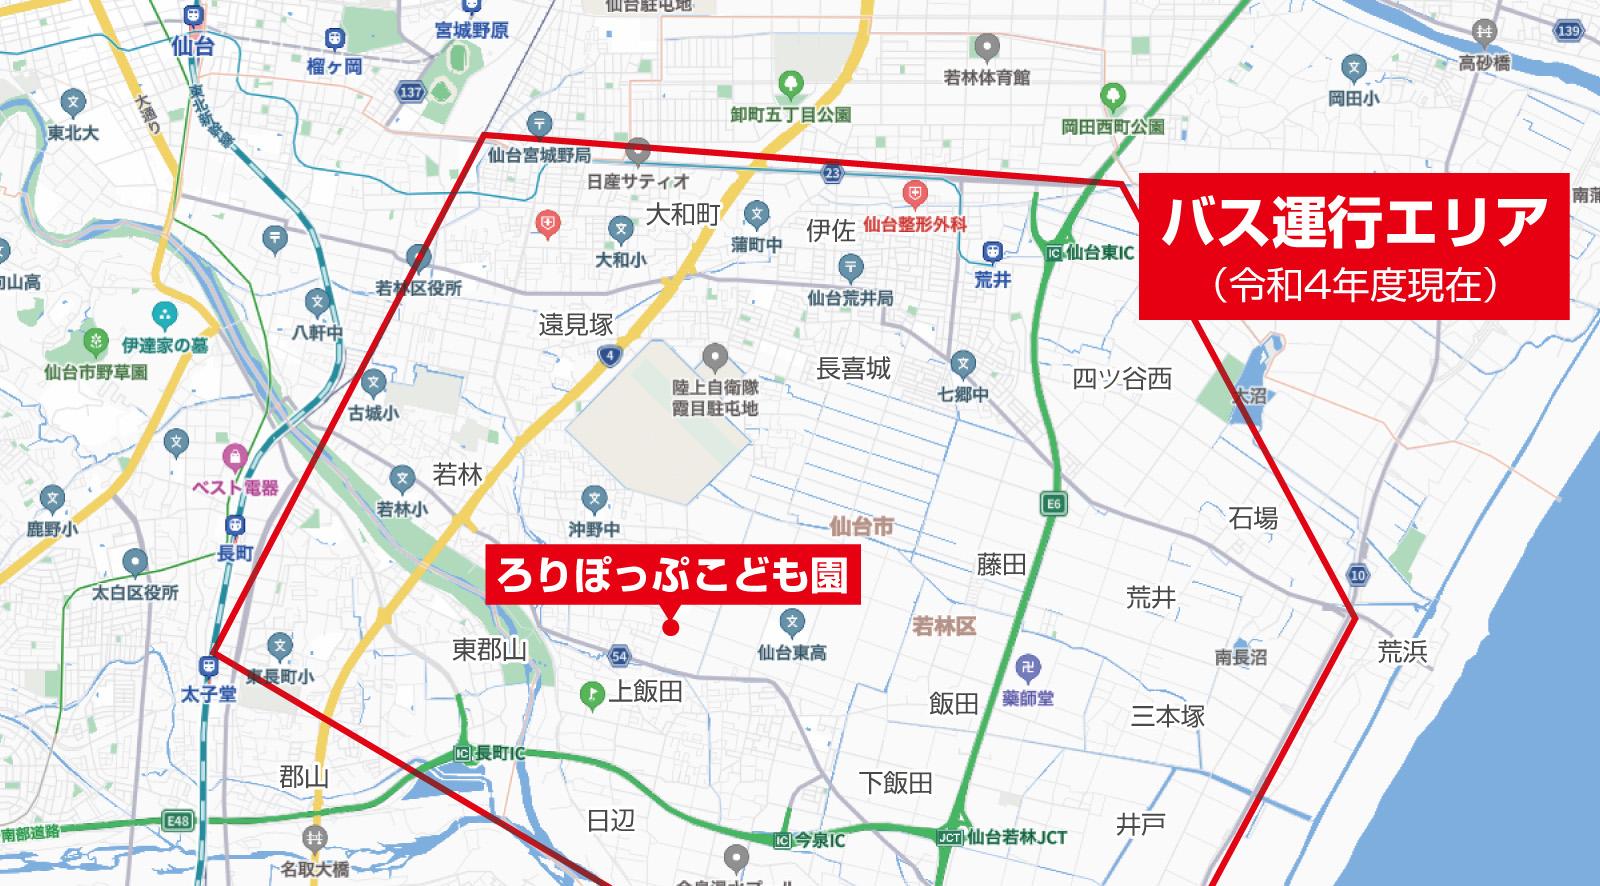 ろりぽっぷ学園周辺地図